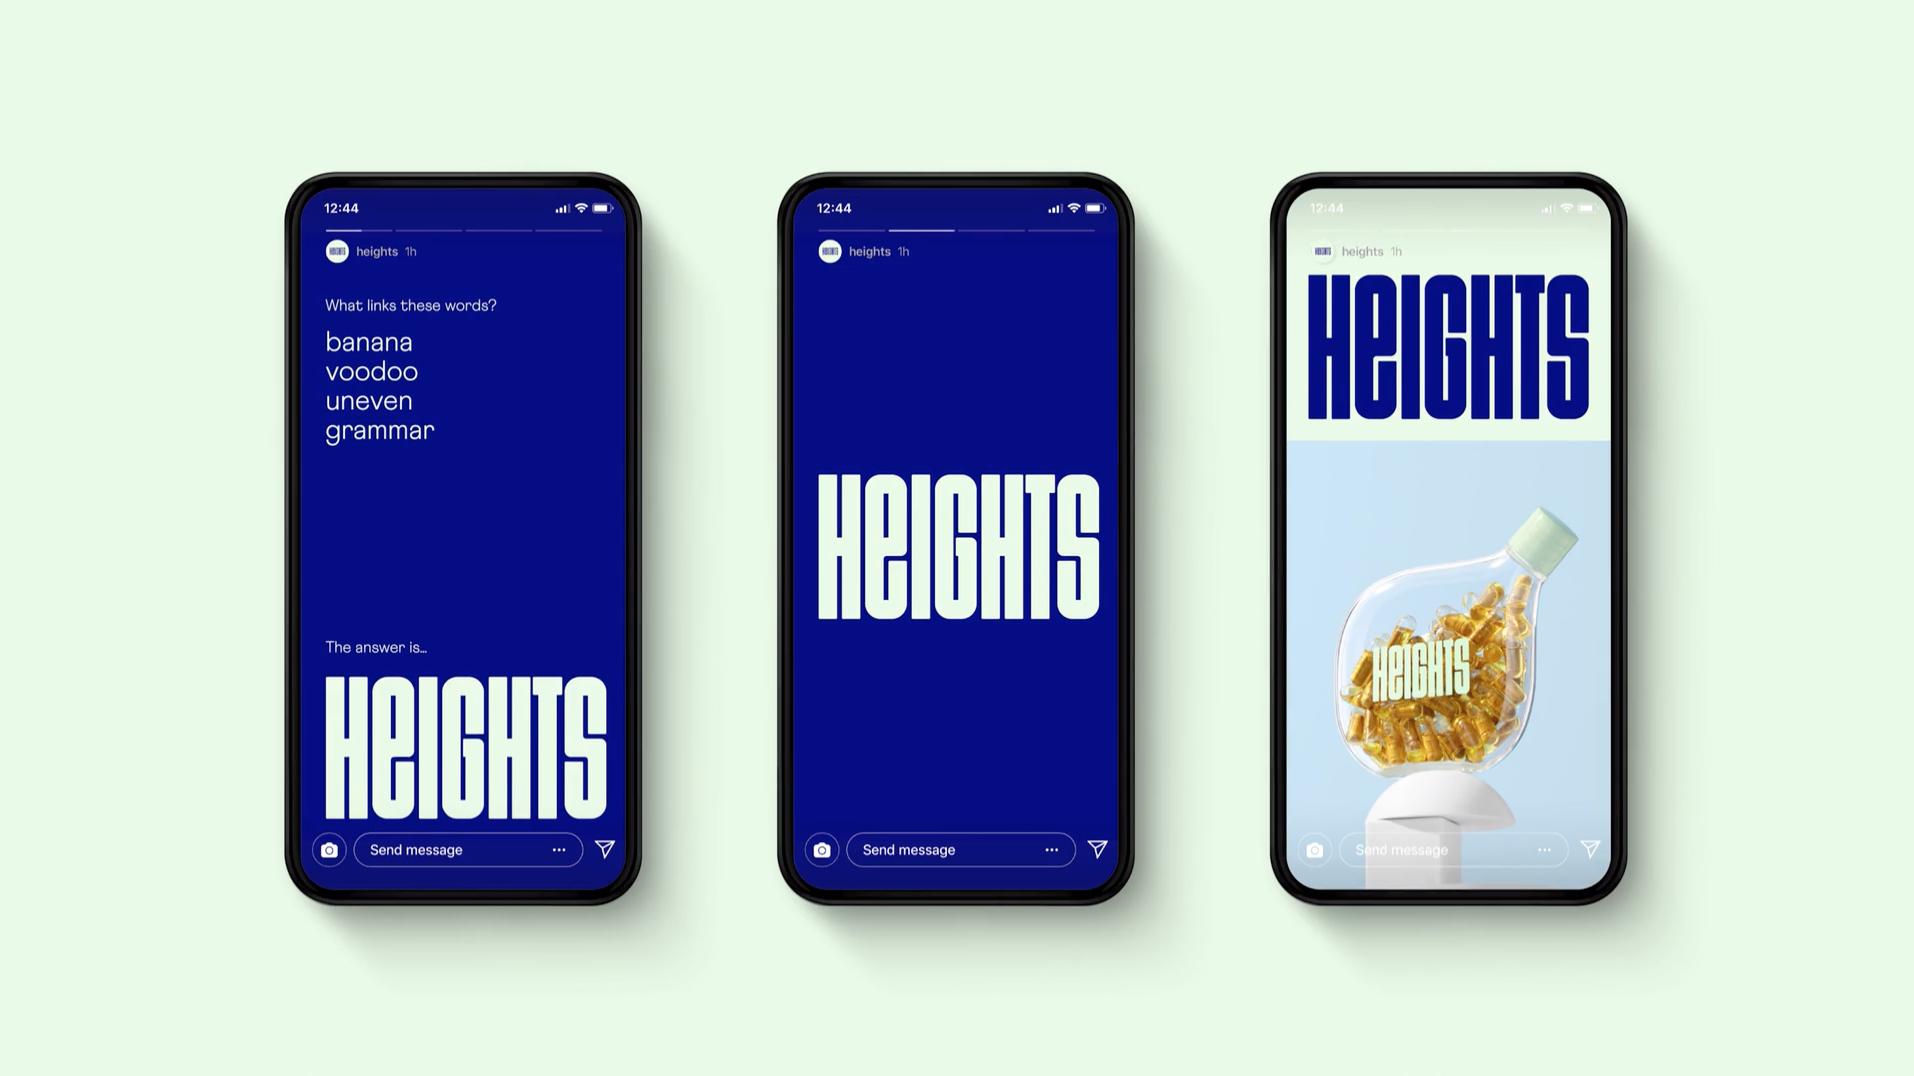 Heights, aplicación móvil